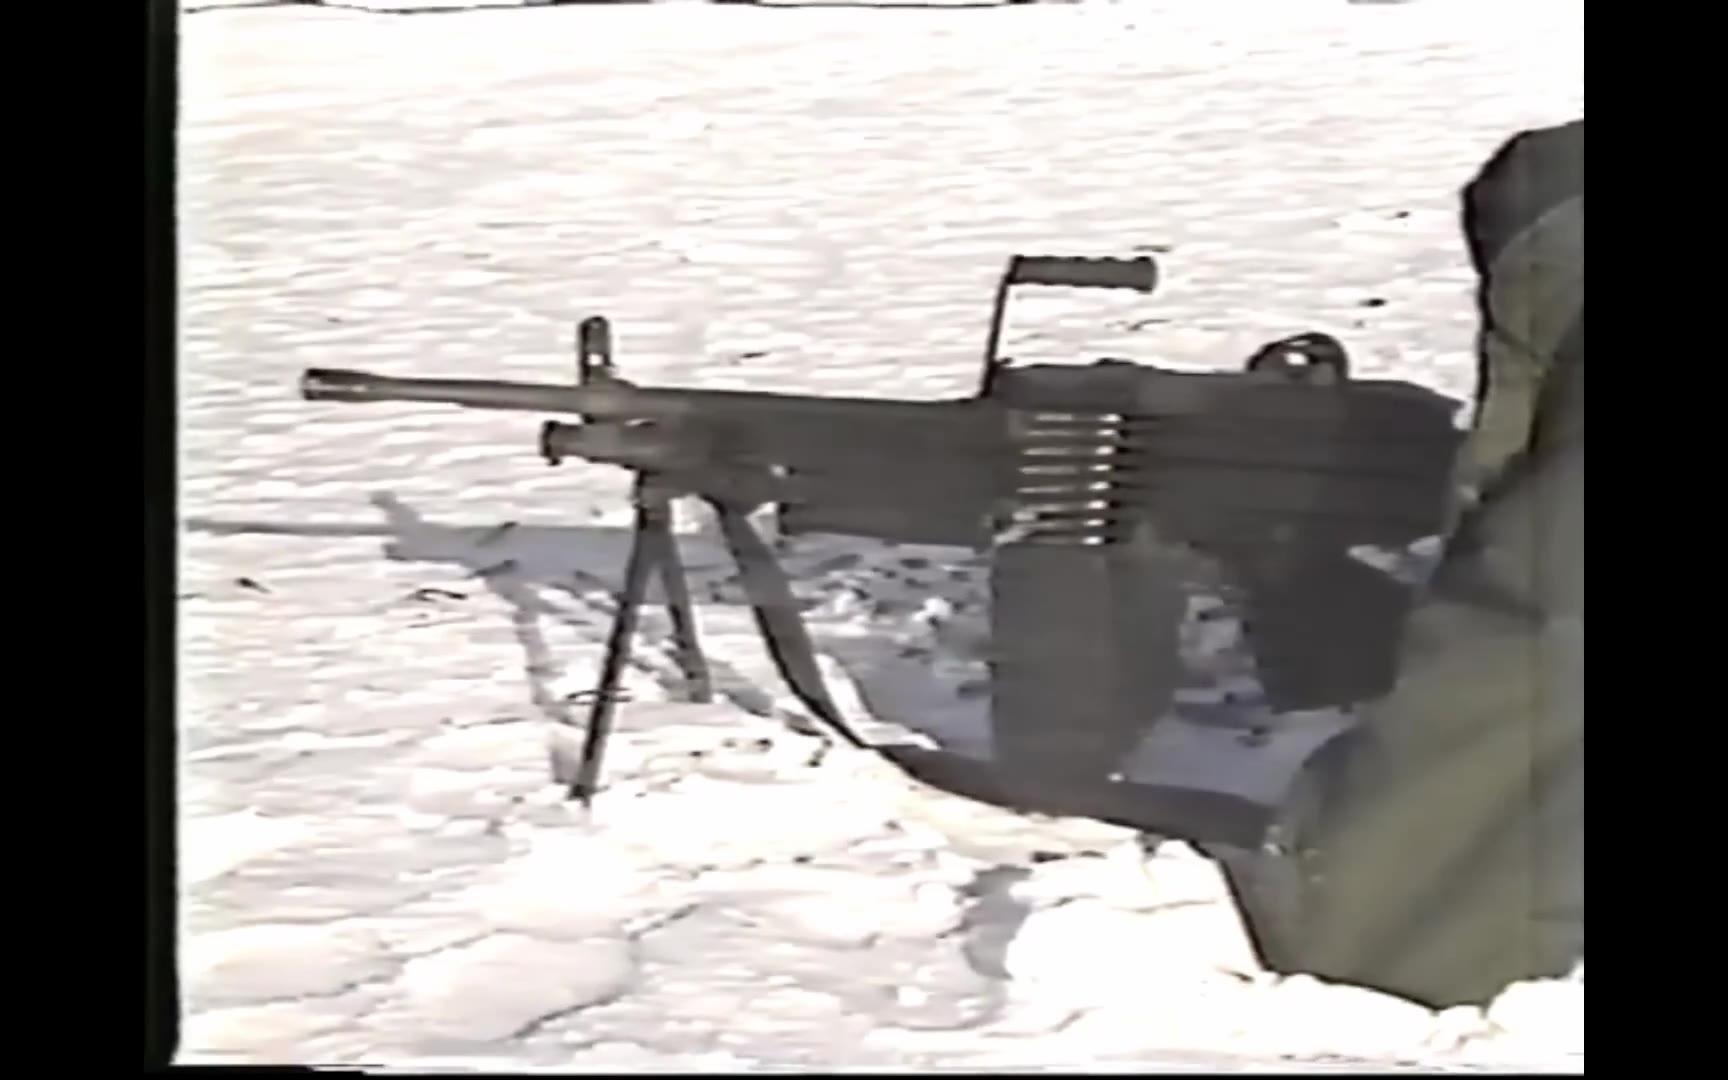 【中字/加拿大武装力量/1986年】C9(FN米尼米/M249 SAW)轻机枪的运作原理